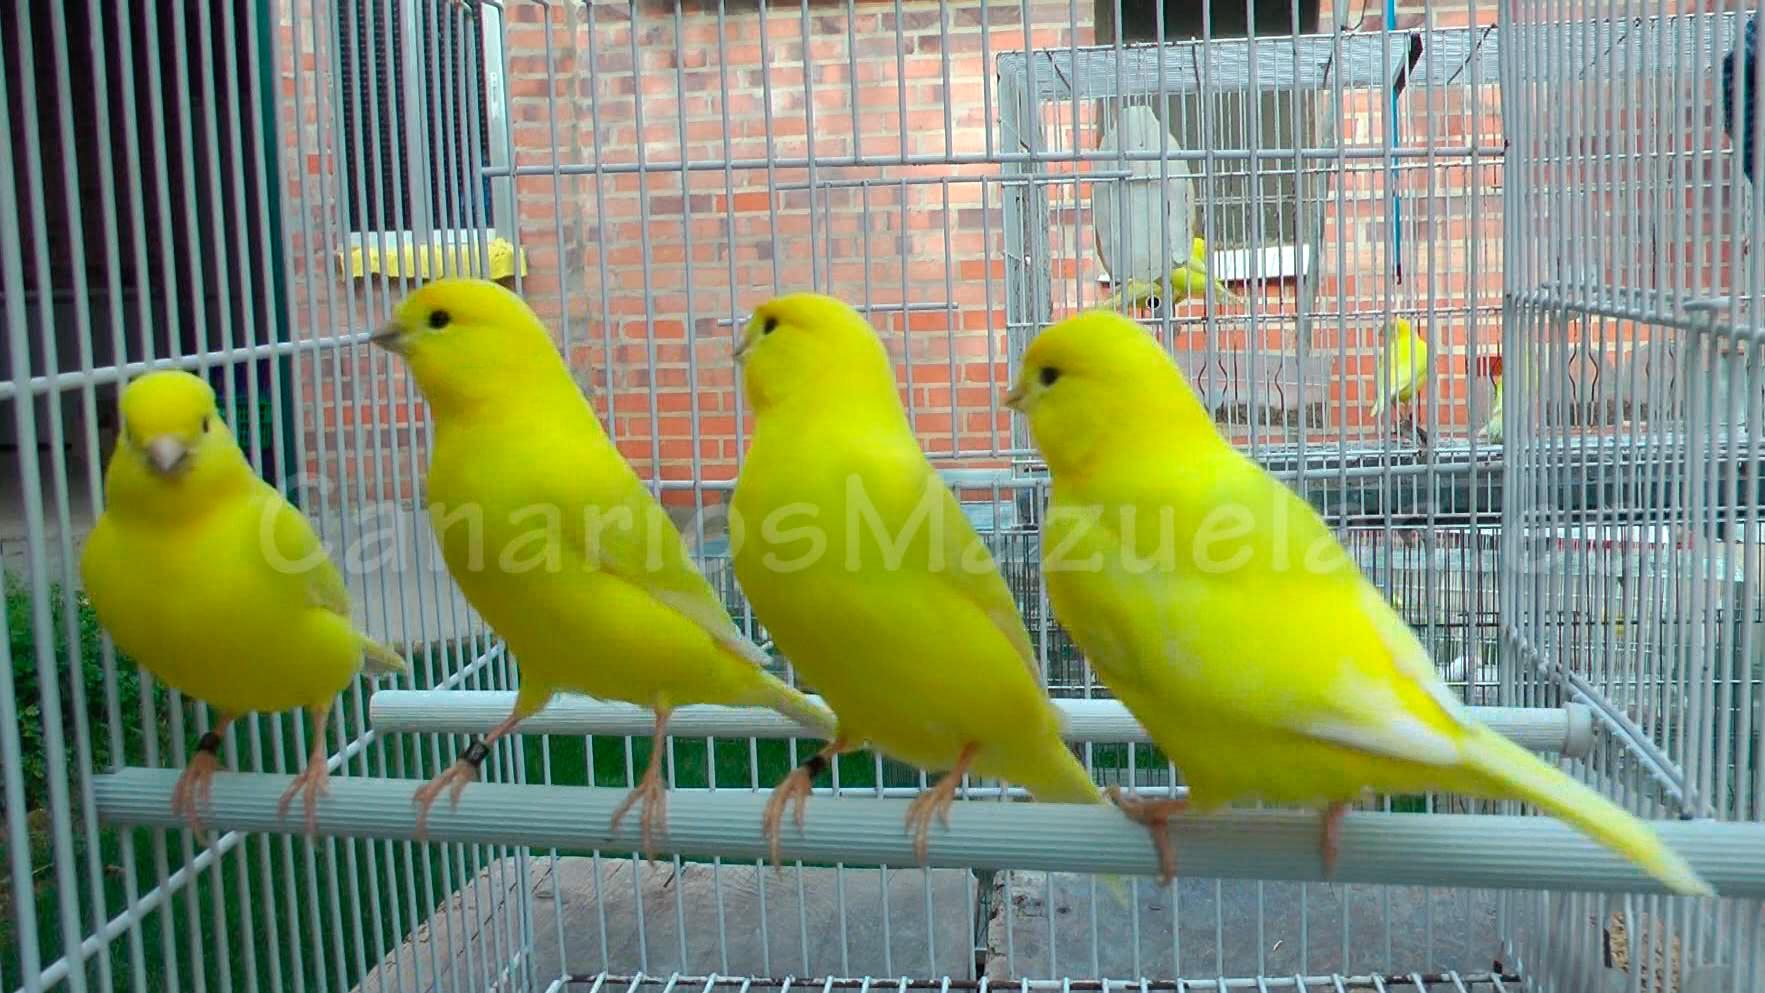 4-canarios-amarillos-intenso